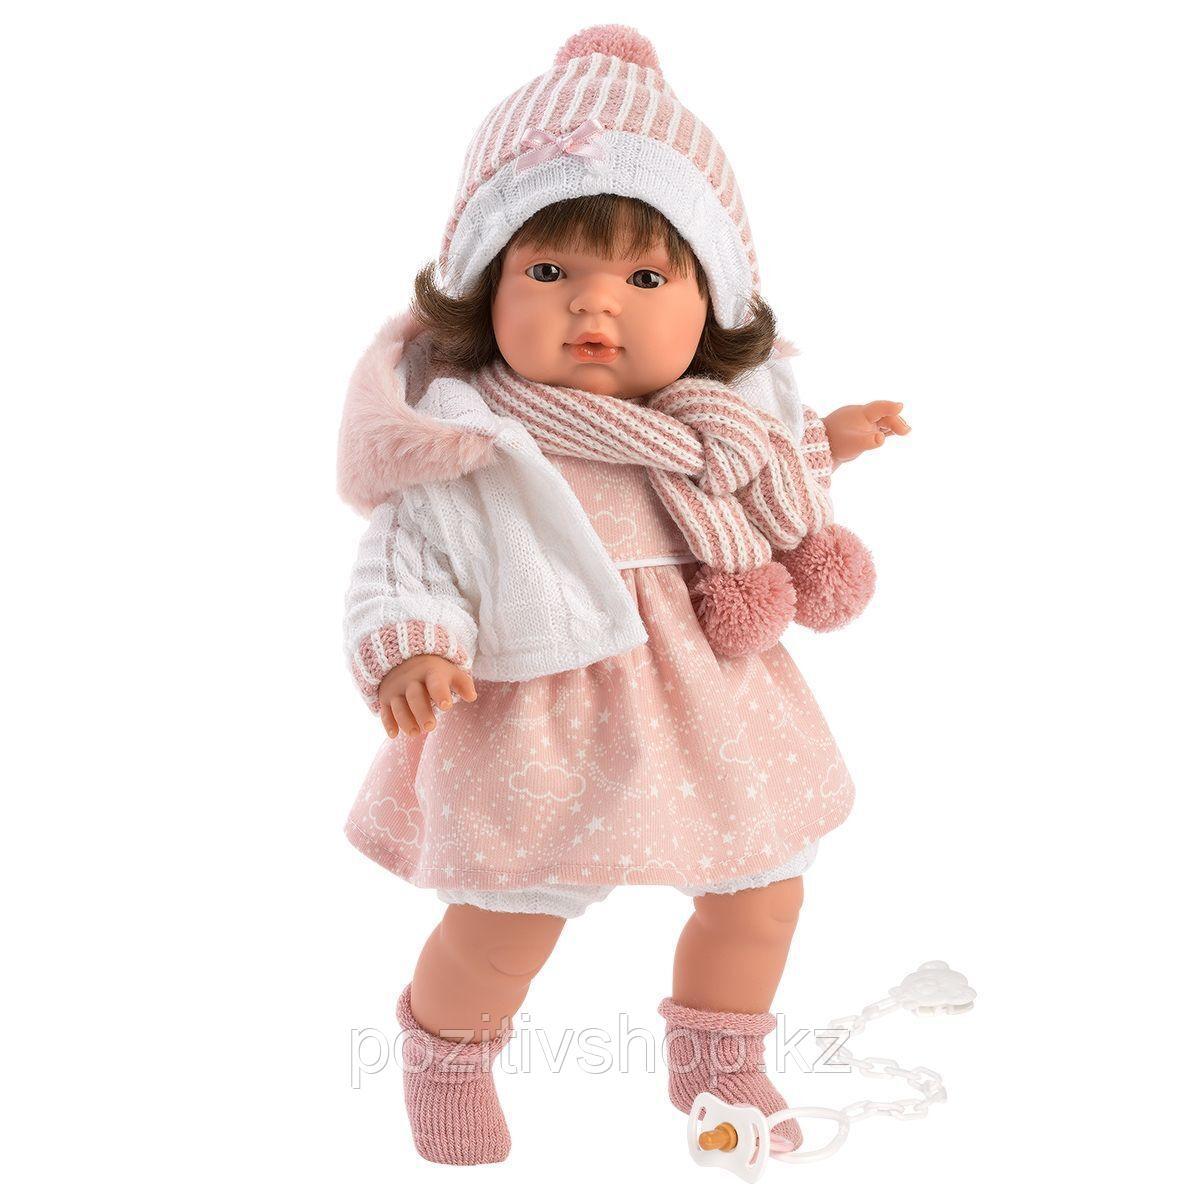 Кукла Llorens Лола 38см, брюнетка в белой курточке с капюшоном - фото 1